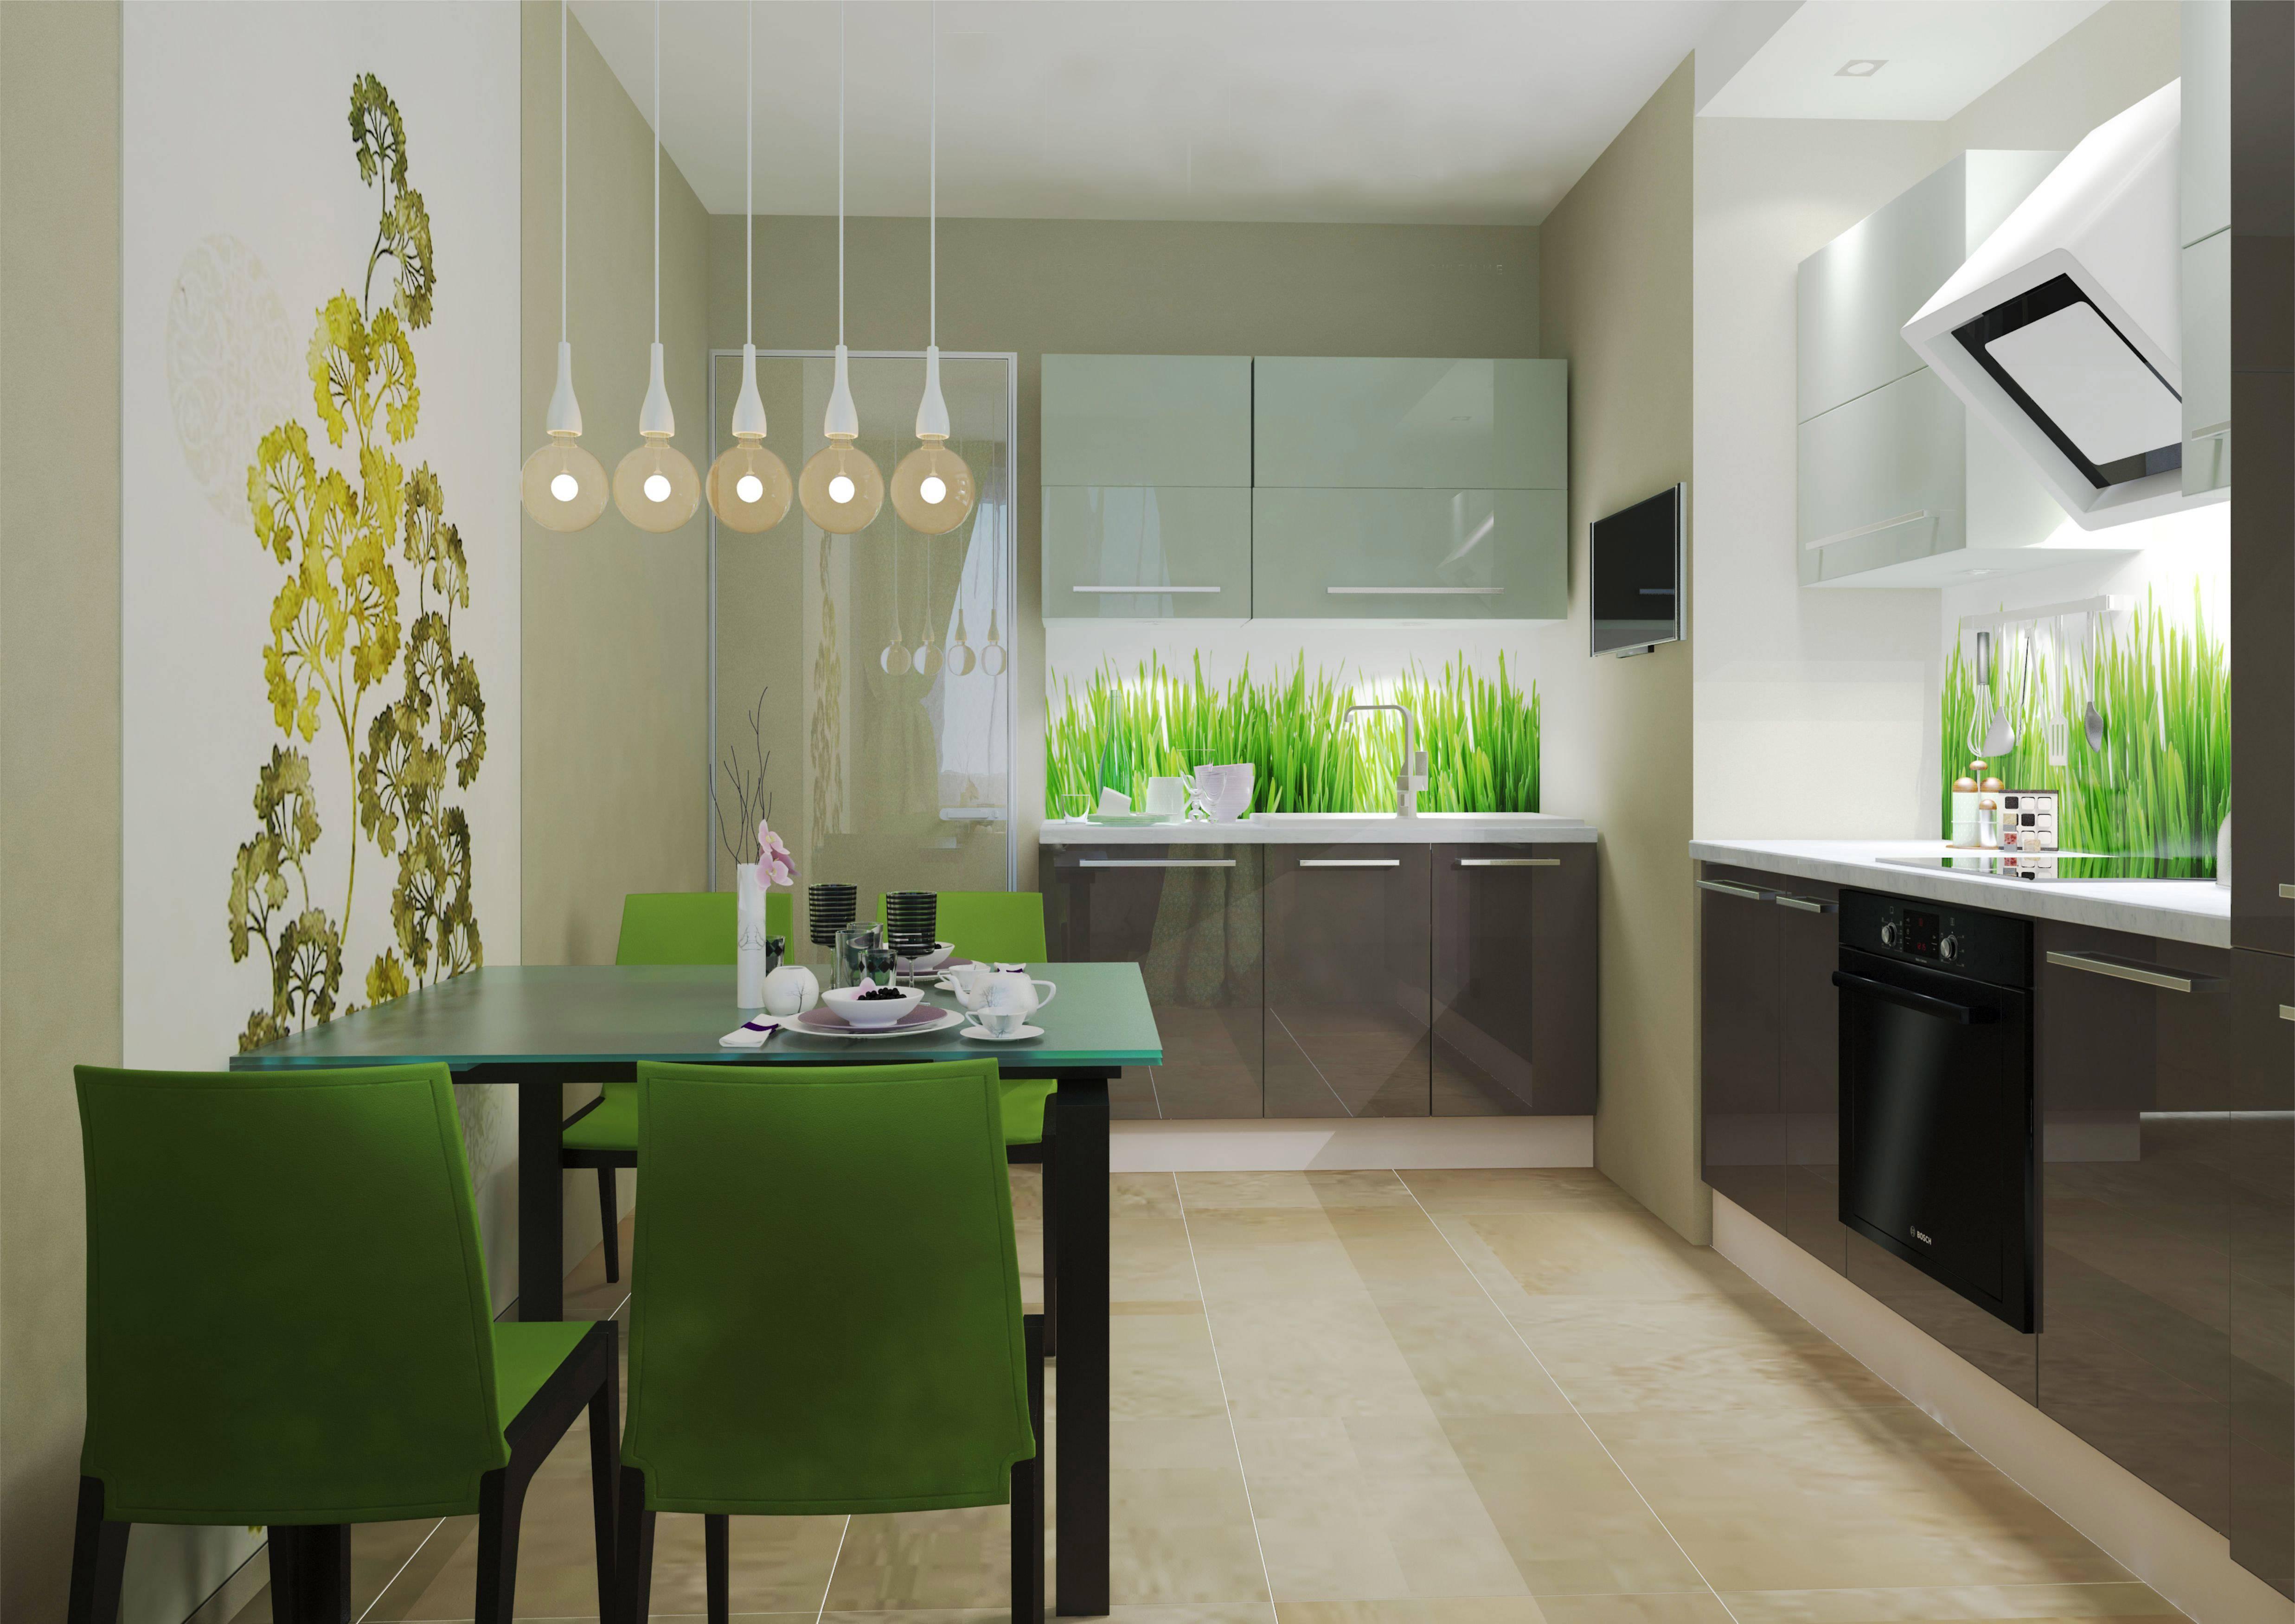 Обои зеленого цвета на стенах: естественность и природная красота снова в моде